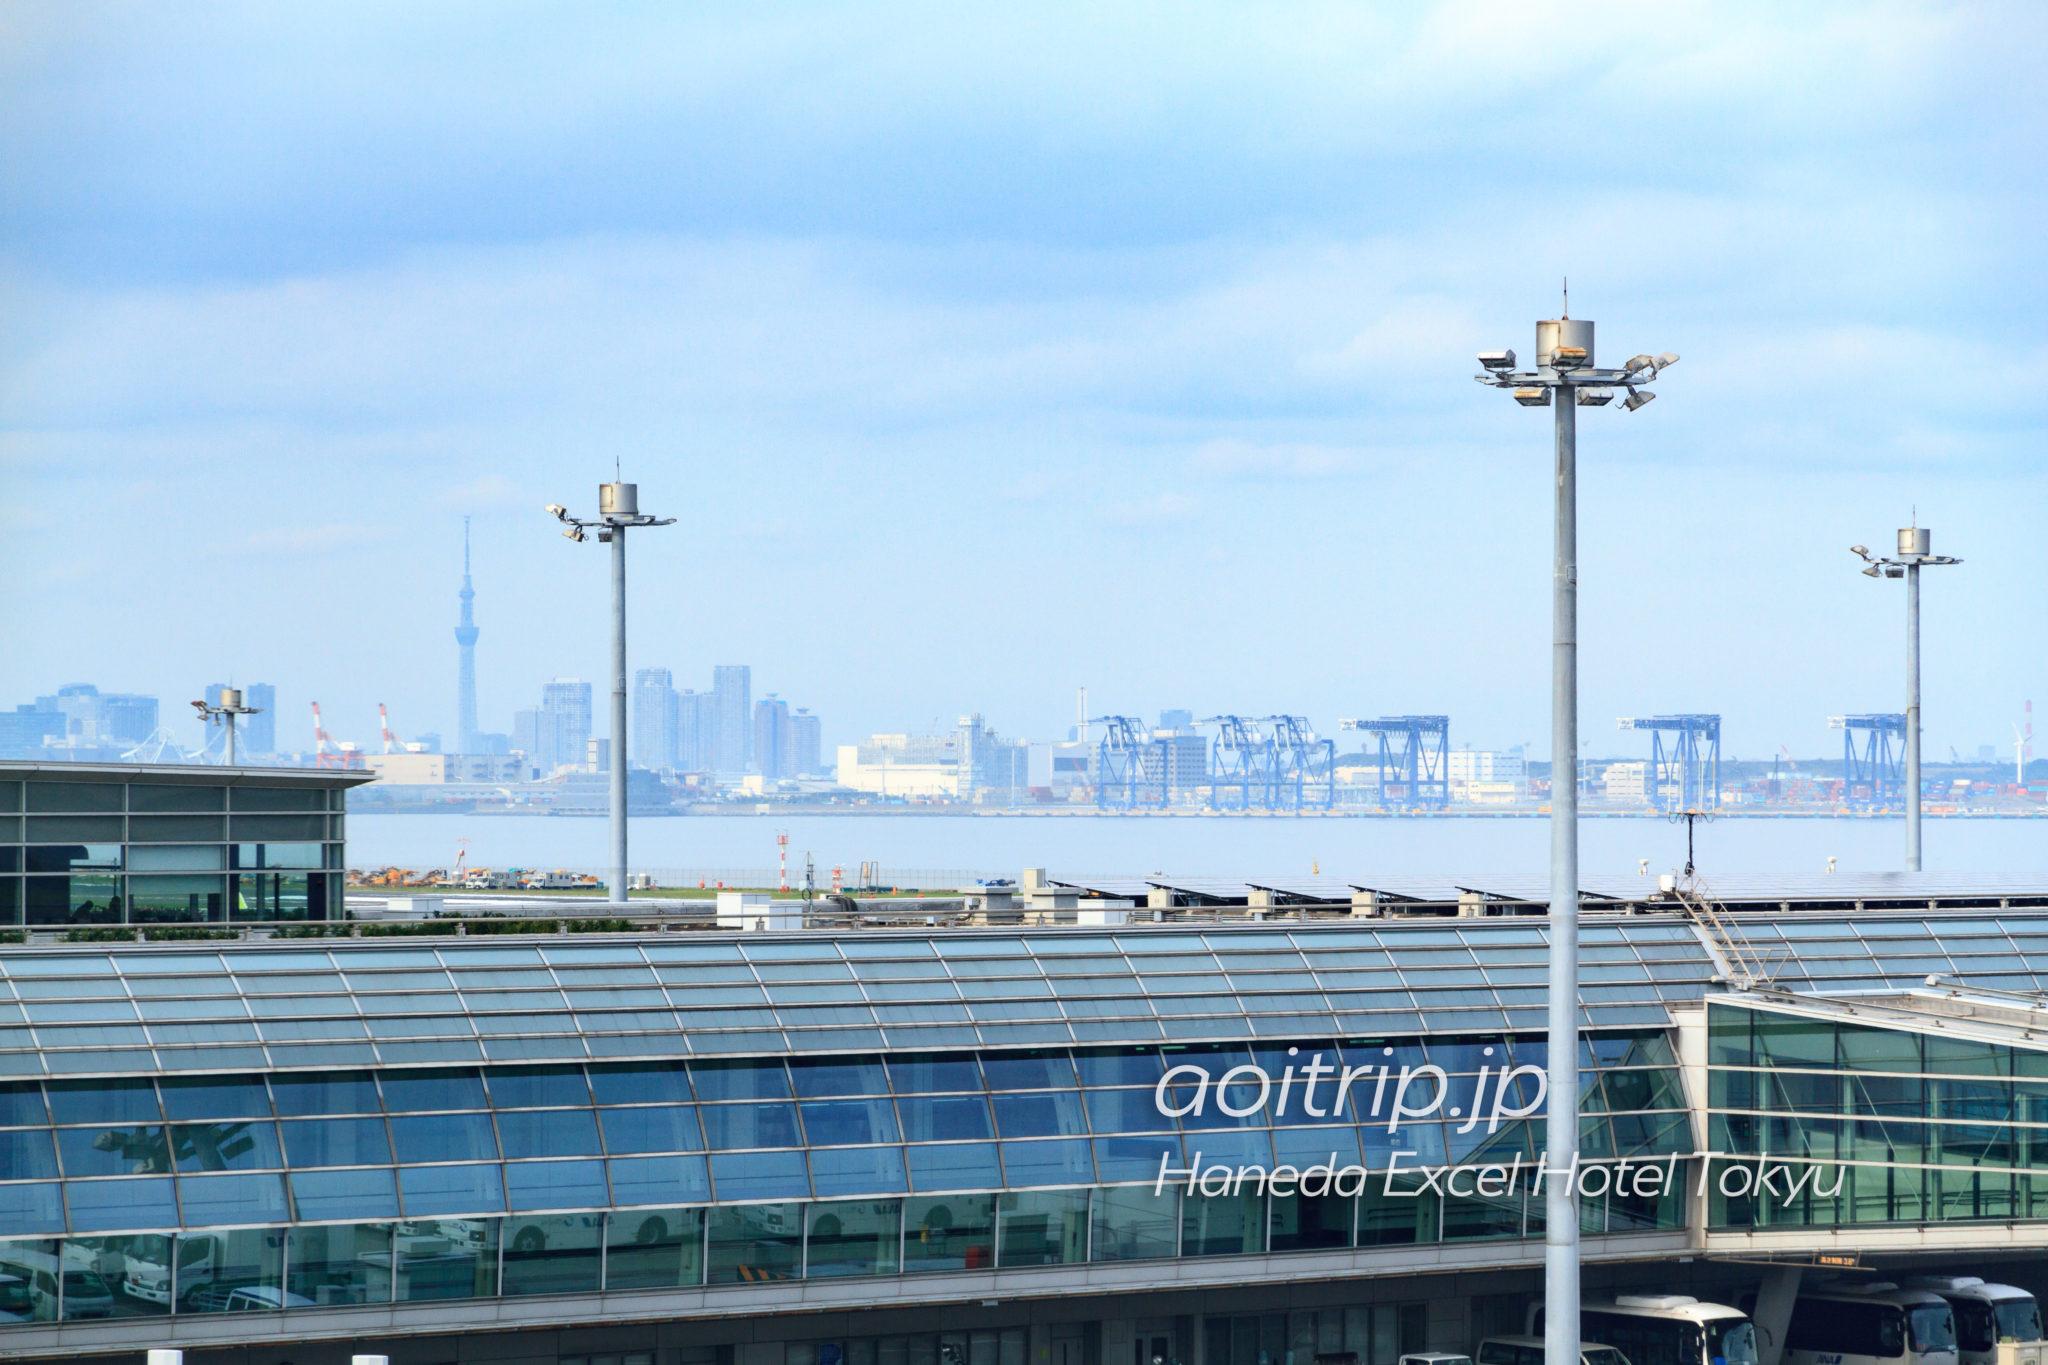 羽田エクセルホテル東急から見る東京スカイツリー、レインボーブリッジ